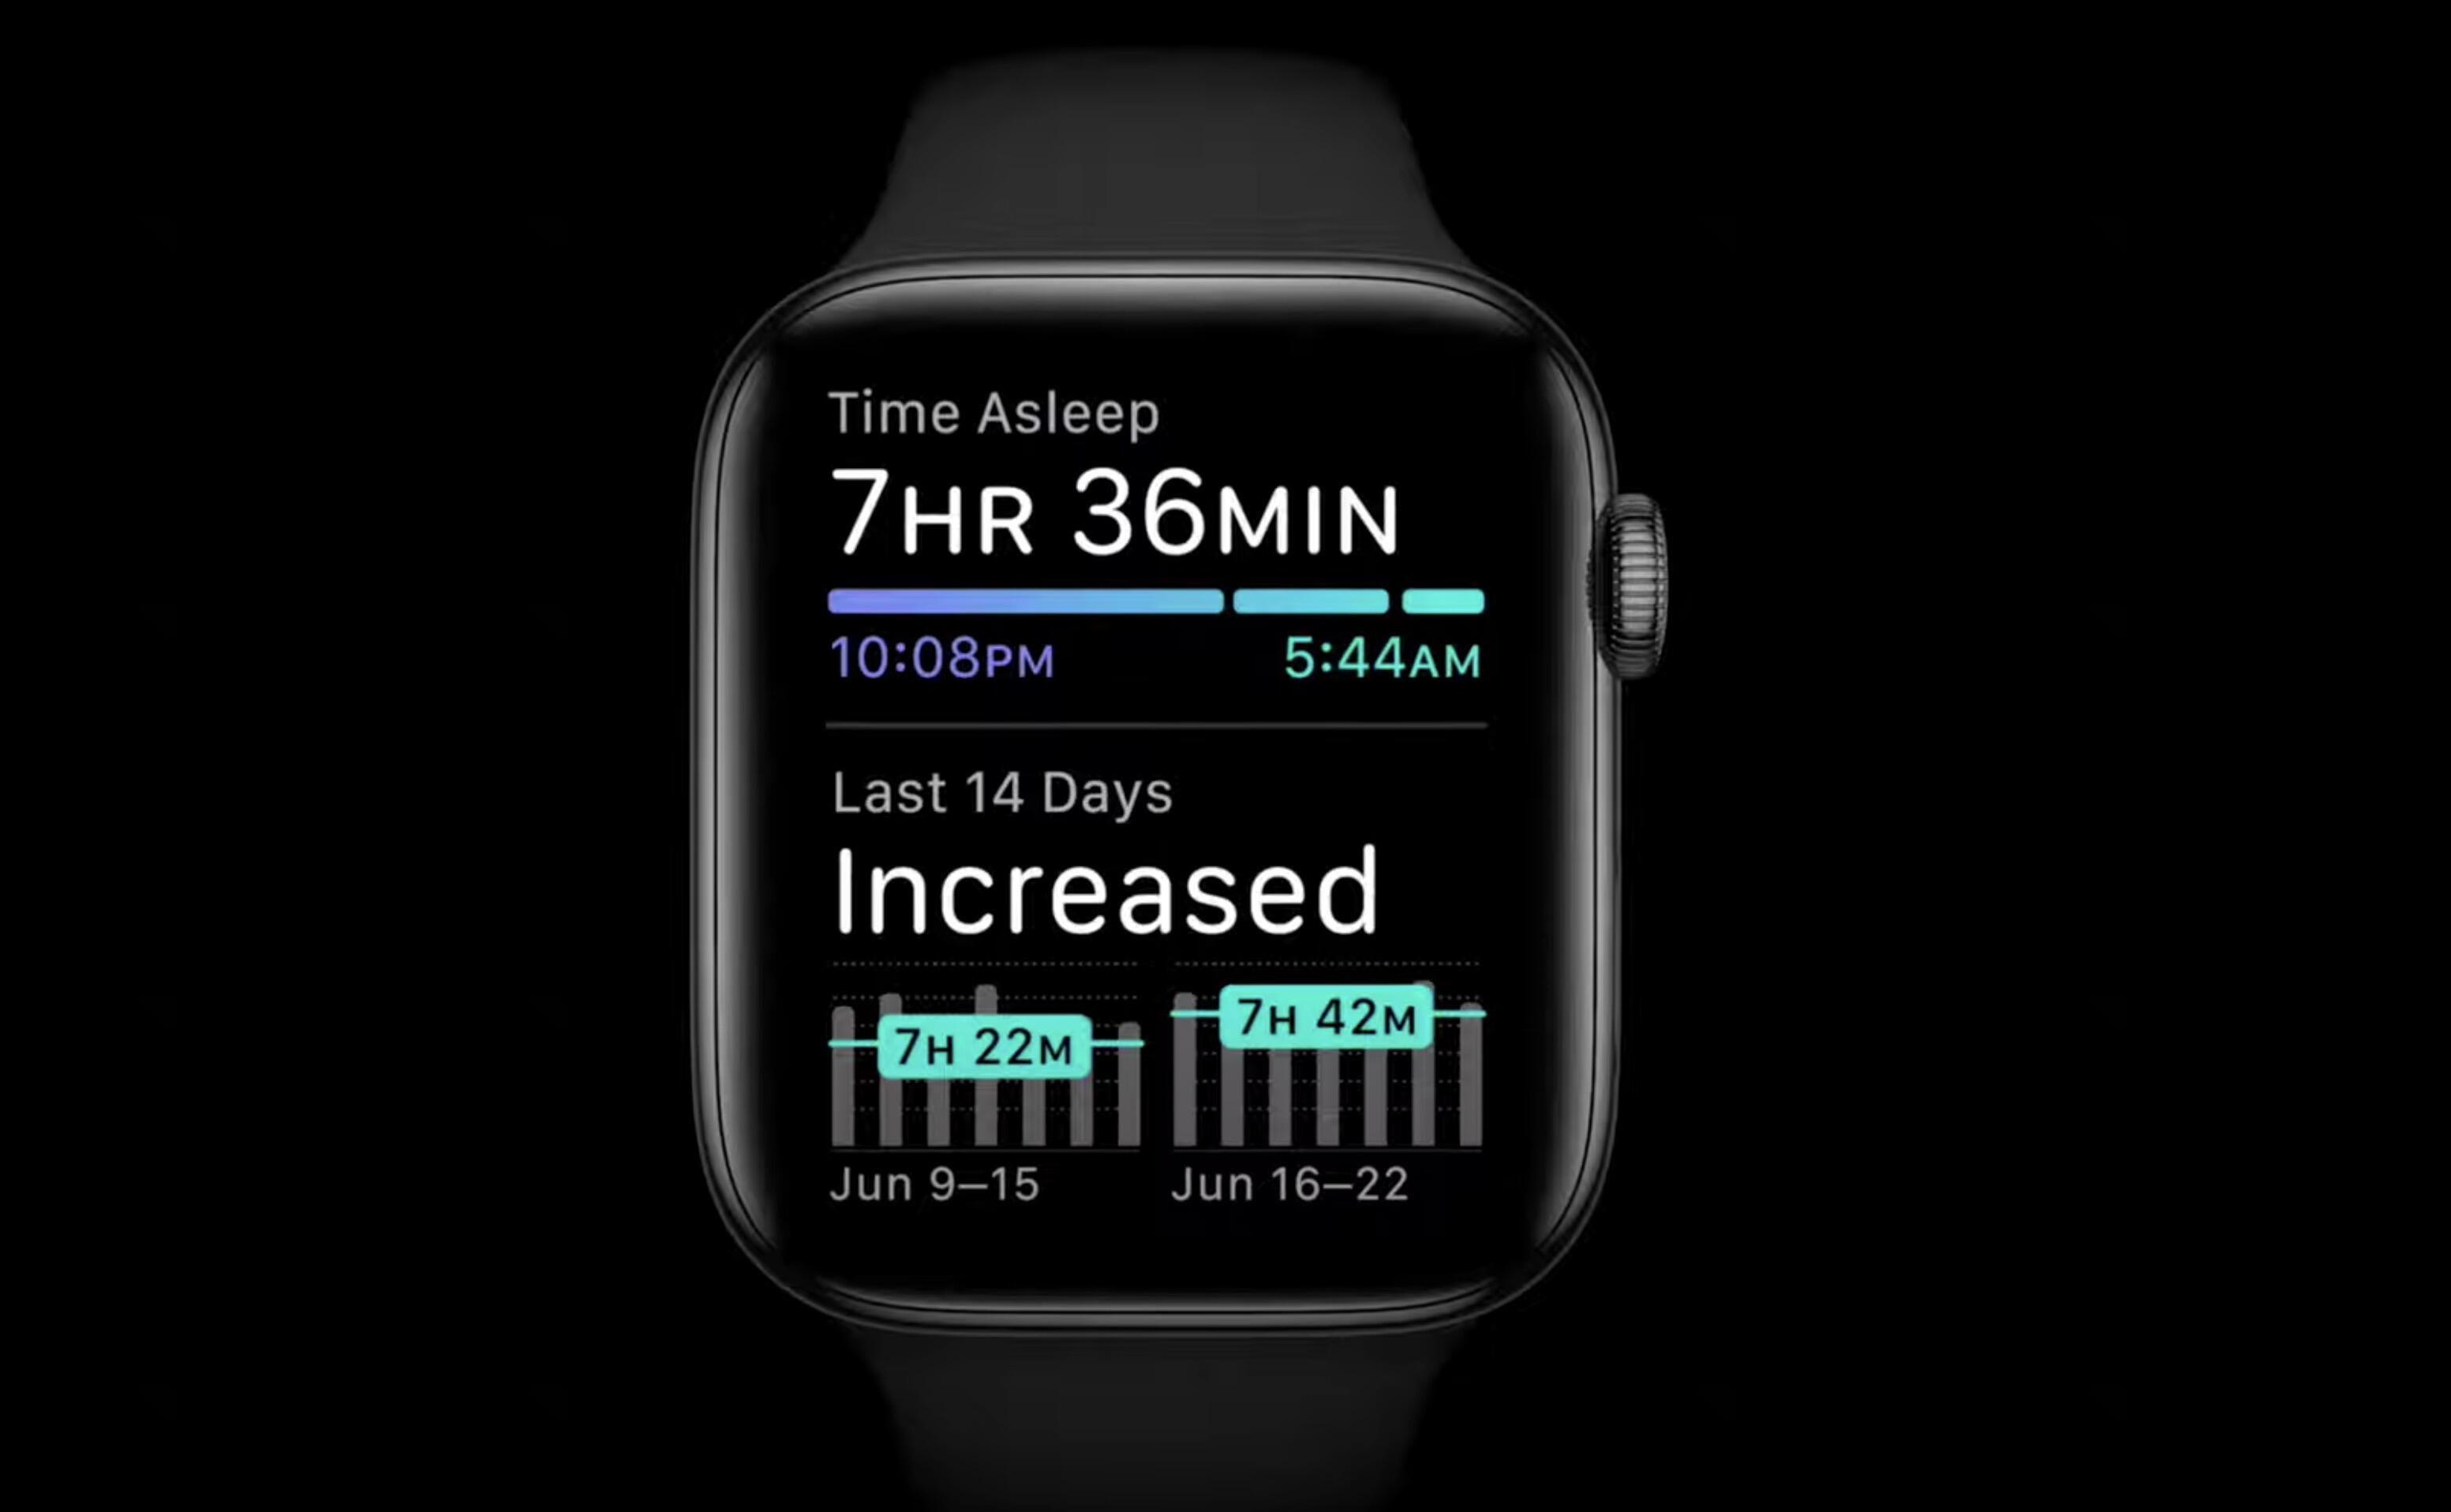 sleep-tracking-watchos-7